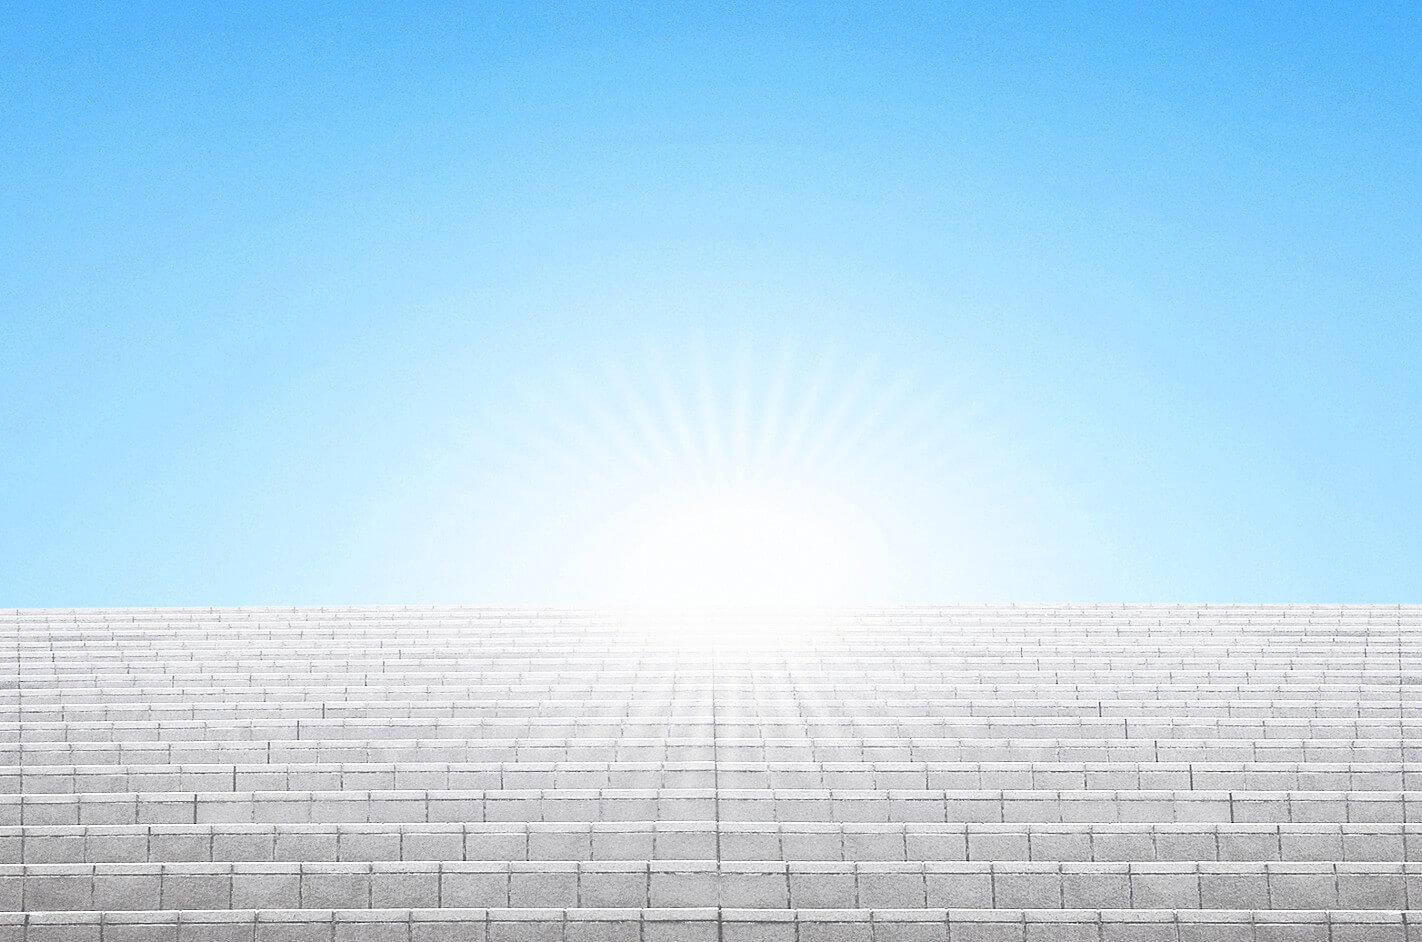 ステップアップの階段と光のイメージ